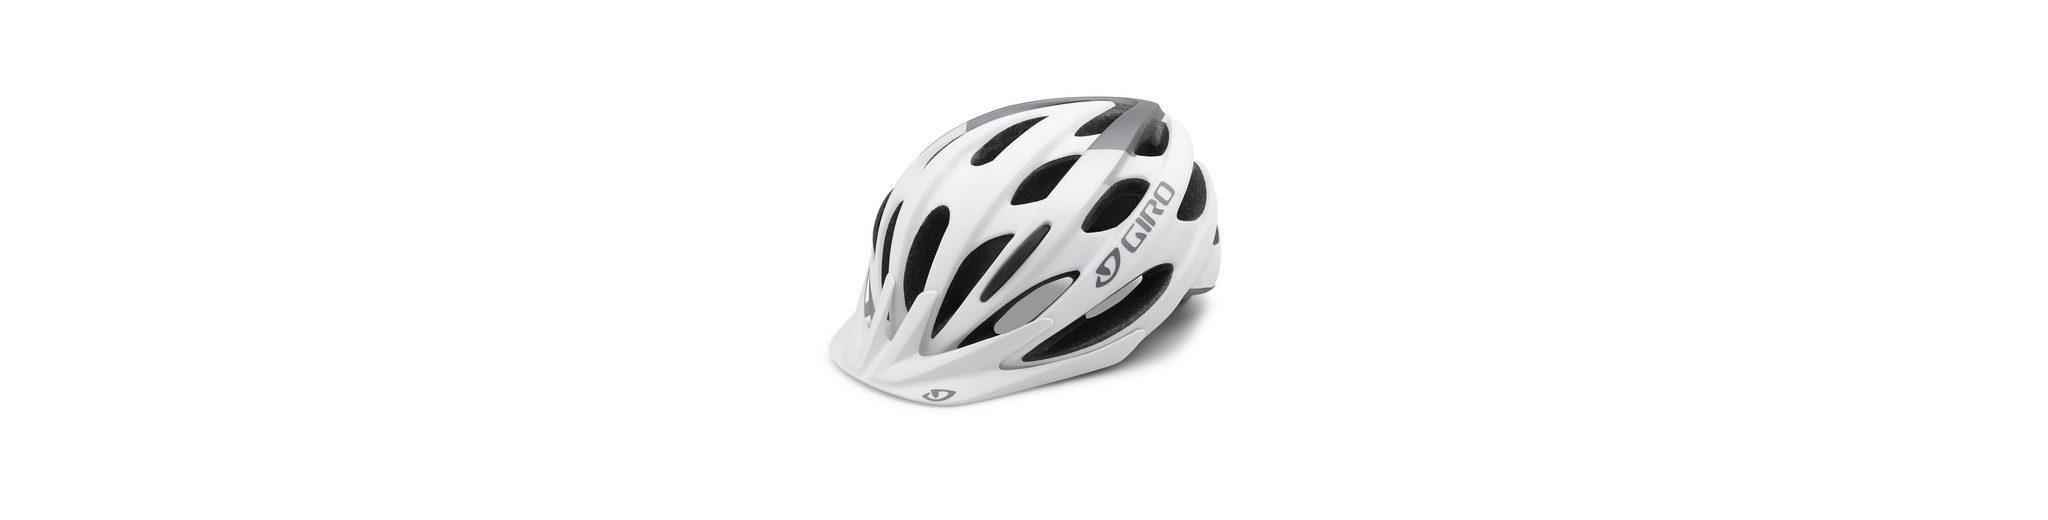 Giro Fahrradhelm »Revel Helmet unisize«